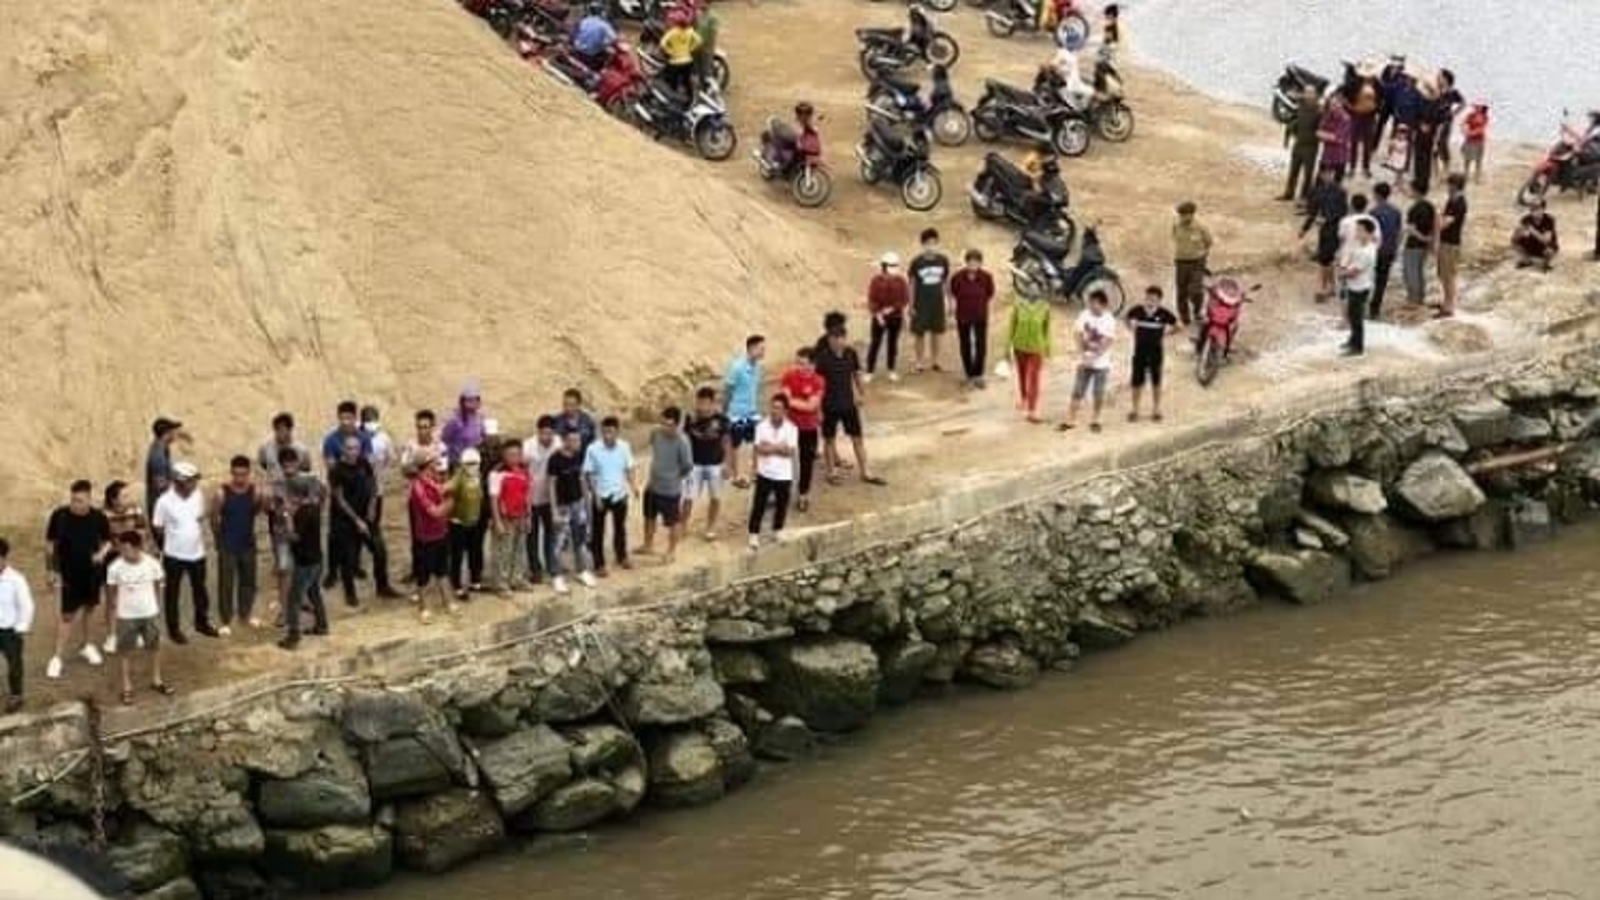 Hải Phòng: Tìm kiếm 2 phụ nữ mất tích trong vụ lật thuyền trên sông Văn Úc